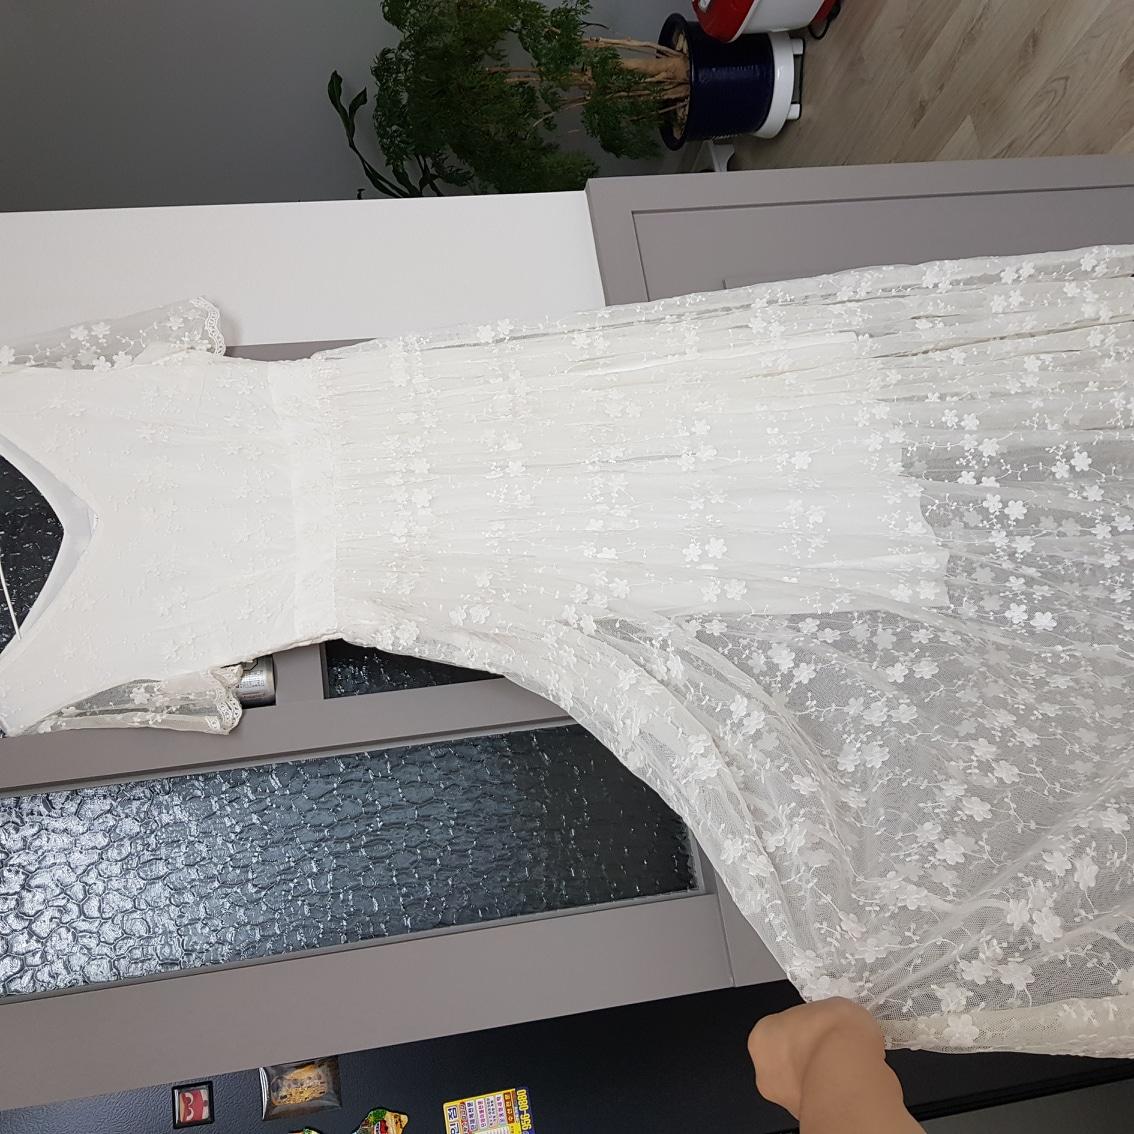 드레스  (셀프웨딩. 결혼식. 촬영) 착샷